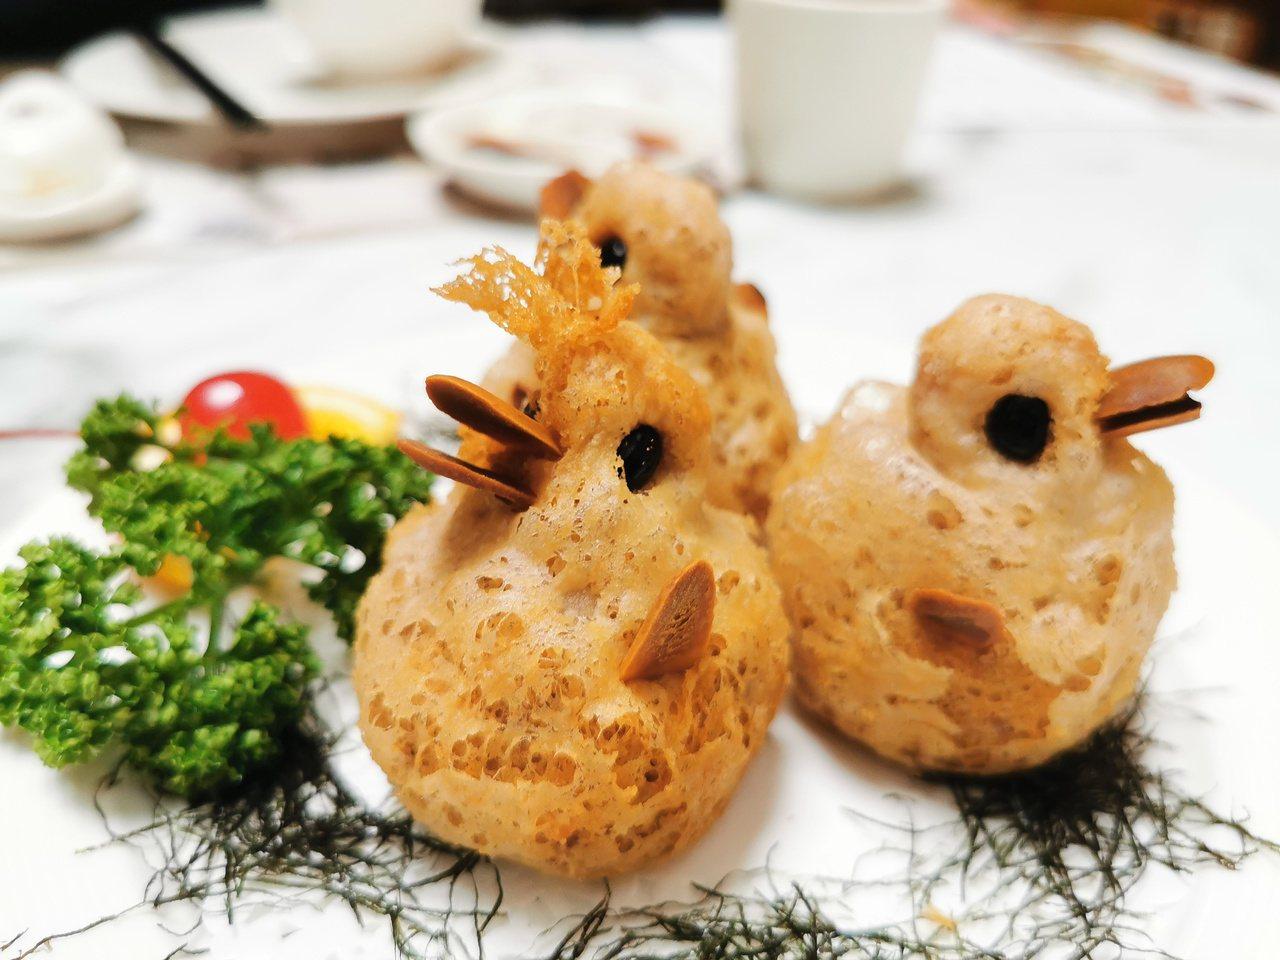 大甲芋頭酥醜小鴨讓饕客從上菜就充滿驚奇,享受視覺美感。 圖/卜敏正 攝影